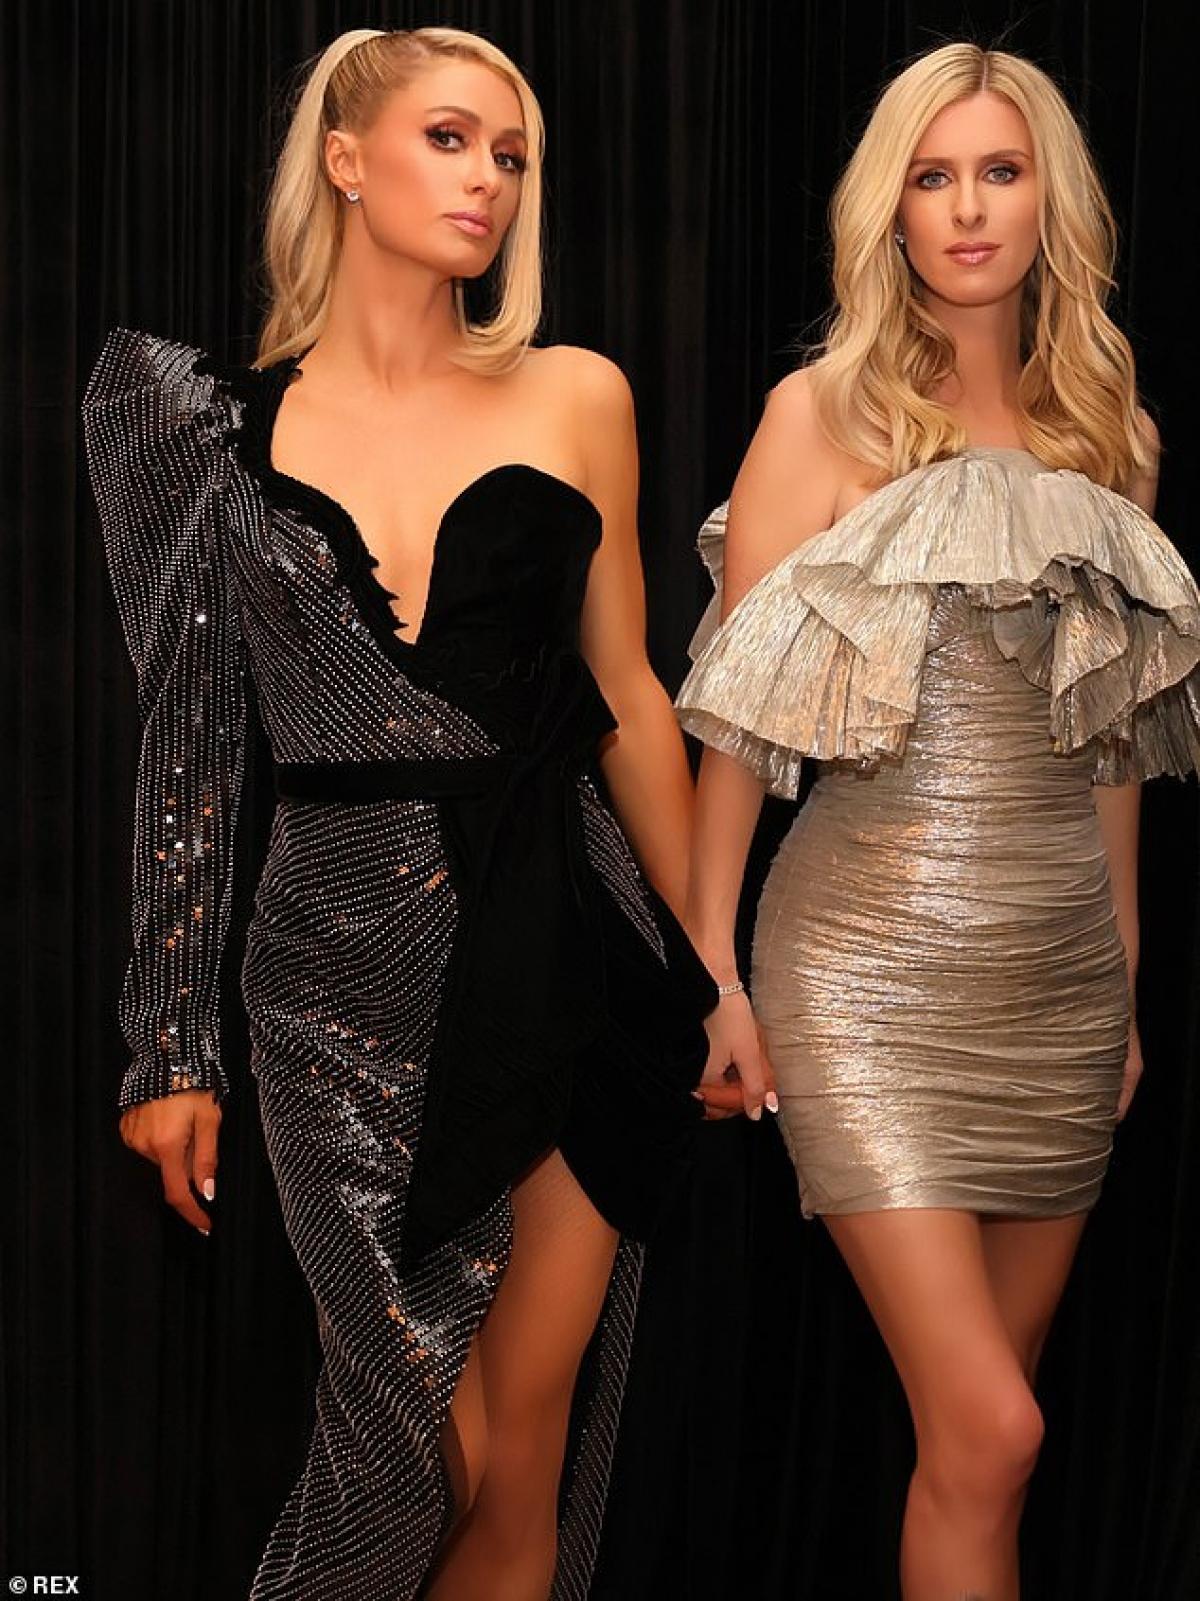 Trong buổi chụp hình còn có sự xuất hiện của em gái Paris Hilton, đó là Nick Hilton.